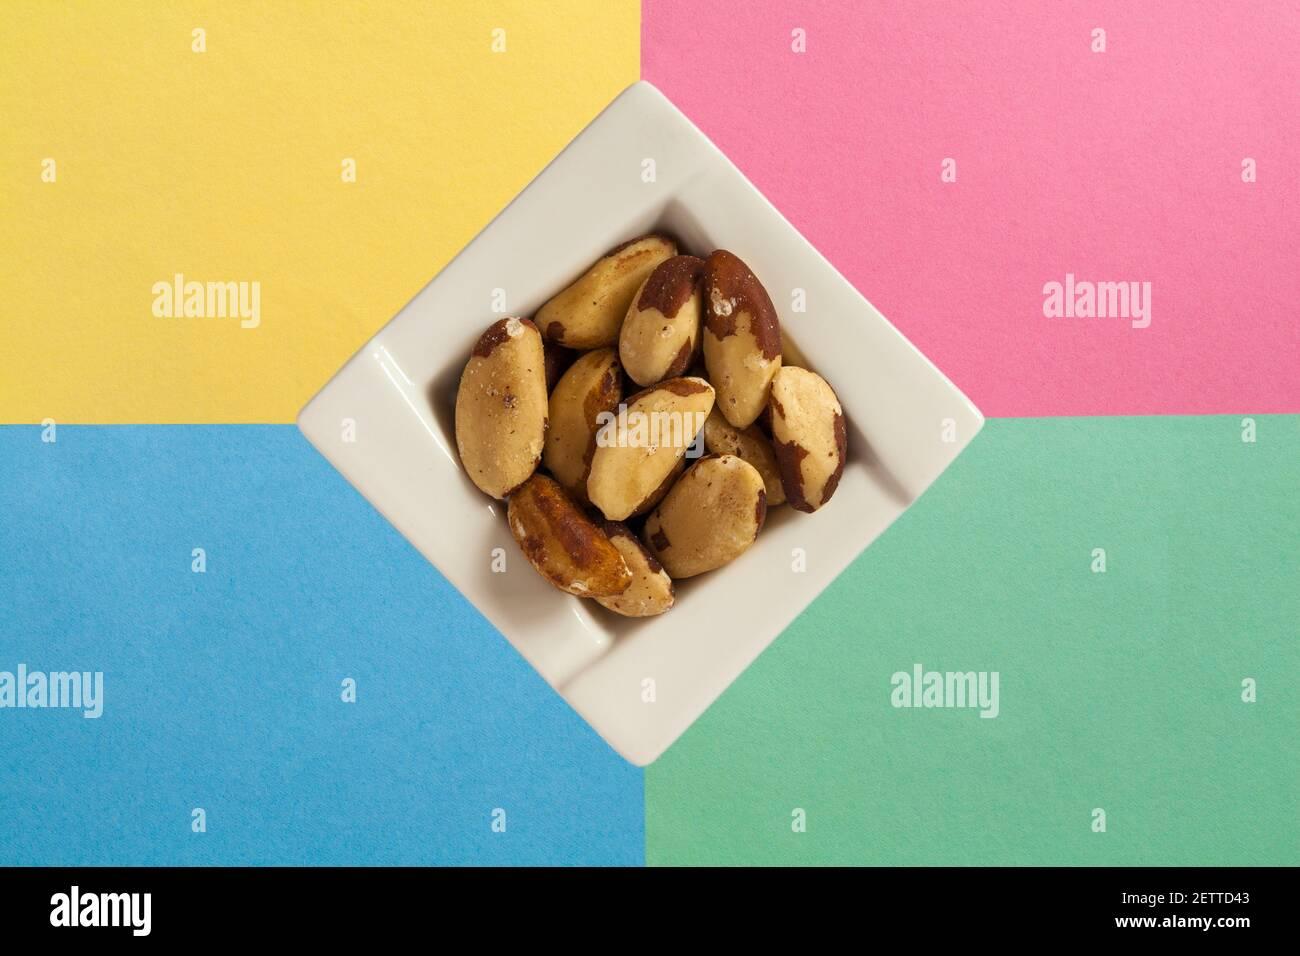 Bol de noix de brésil naturelles isolées sur fond pastel - bol à noix du brésil Banque D'Images